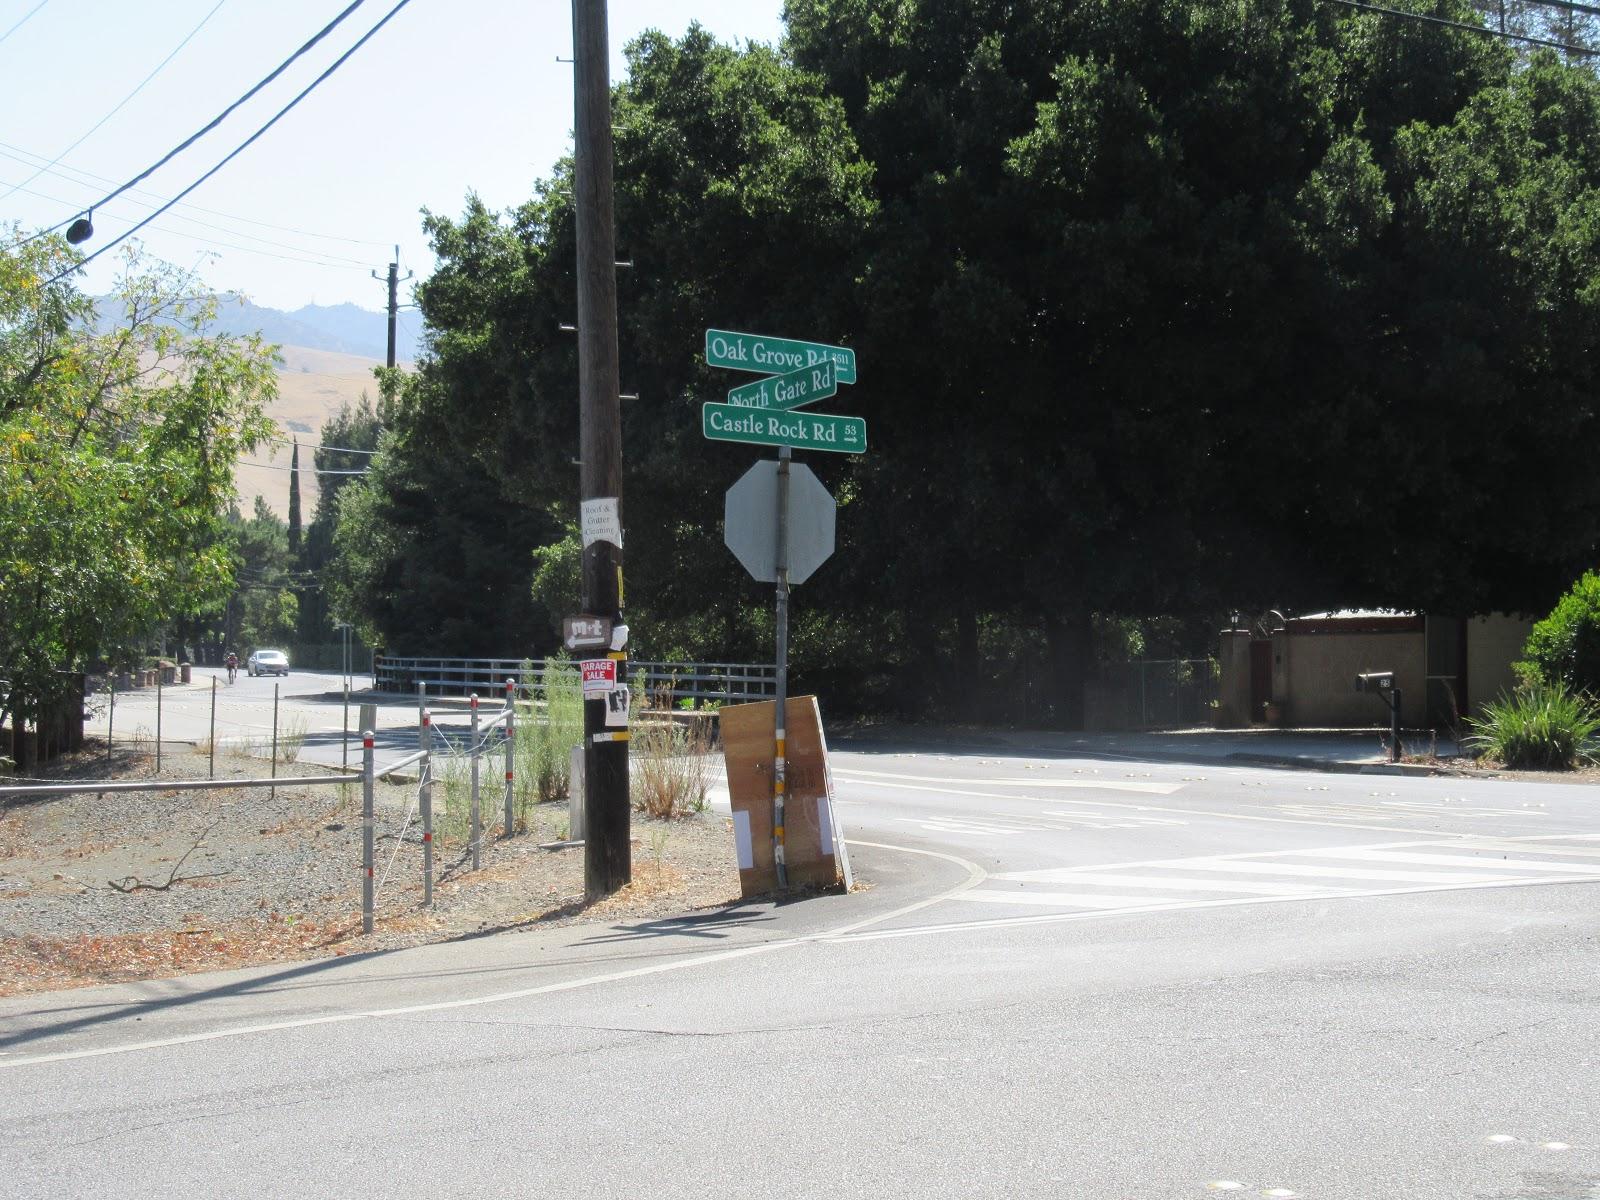 Climb Mt. Diablo - North Gate by bike - start of climb - street sign